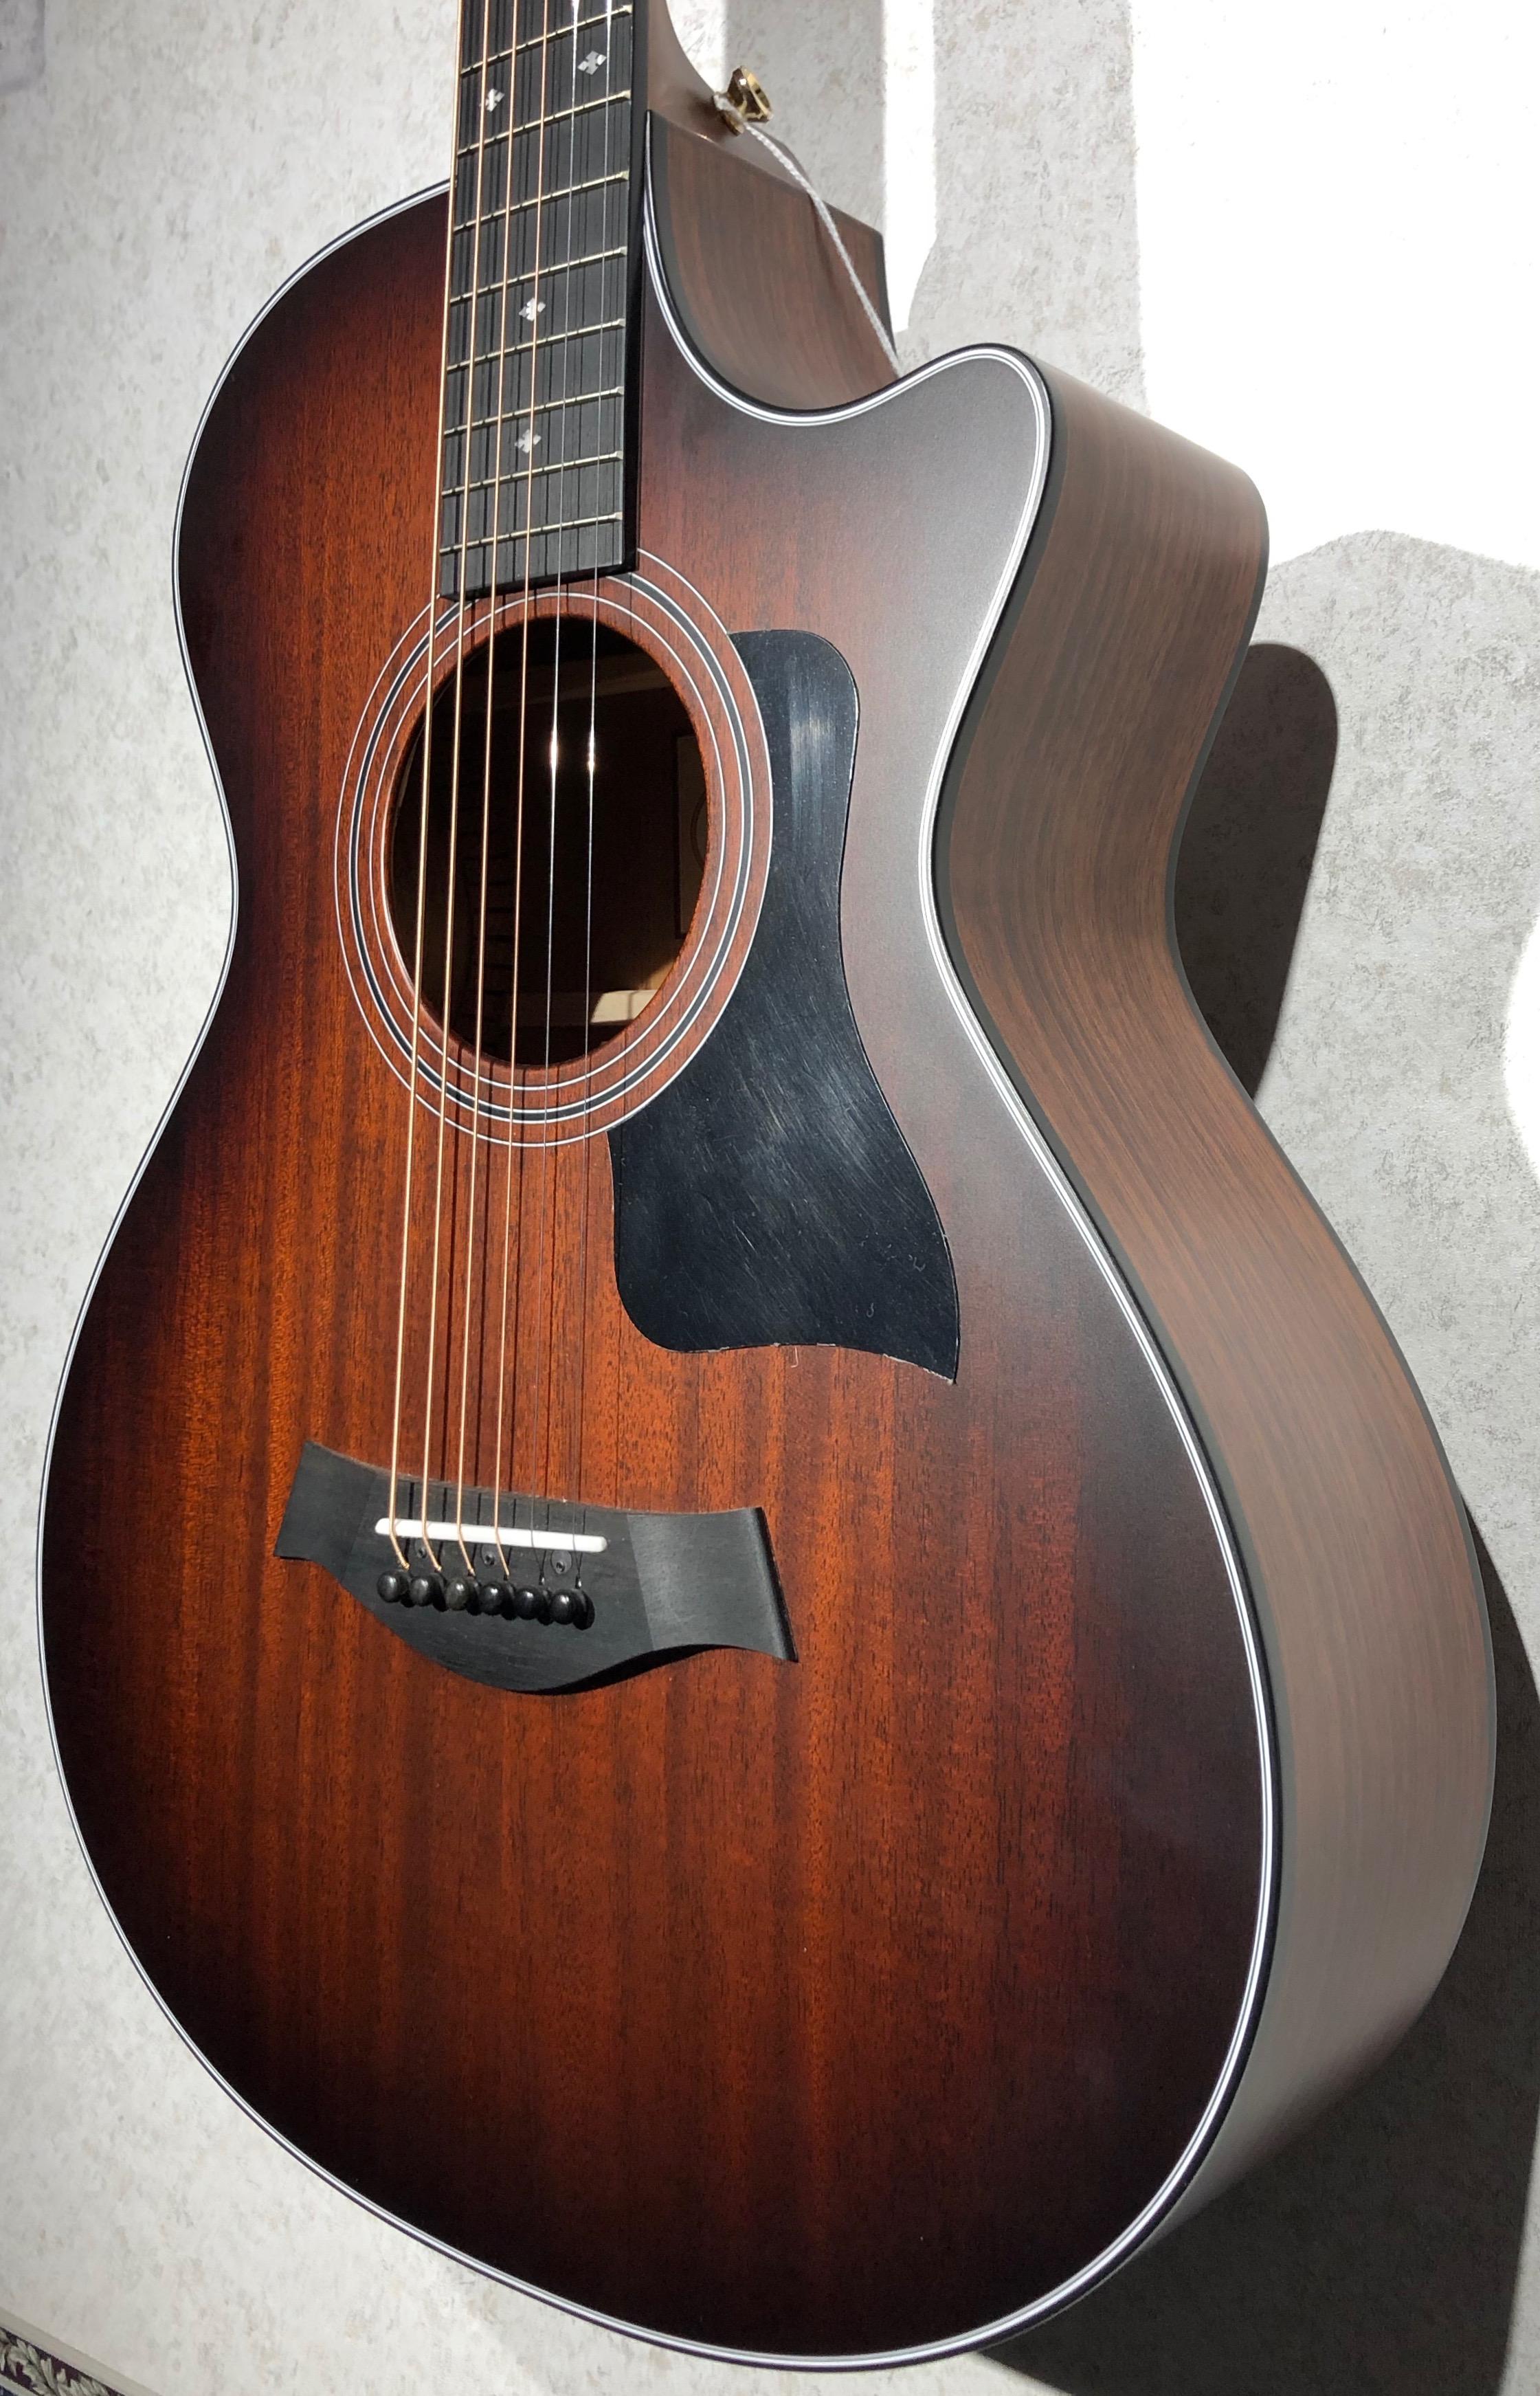 taylor guitars 322ce 12 fret legacy music. Black Bedroom Furniture Sets. Home Design Ideas